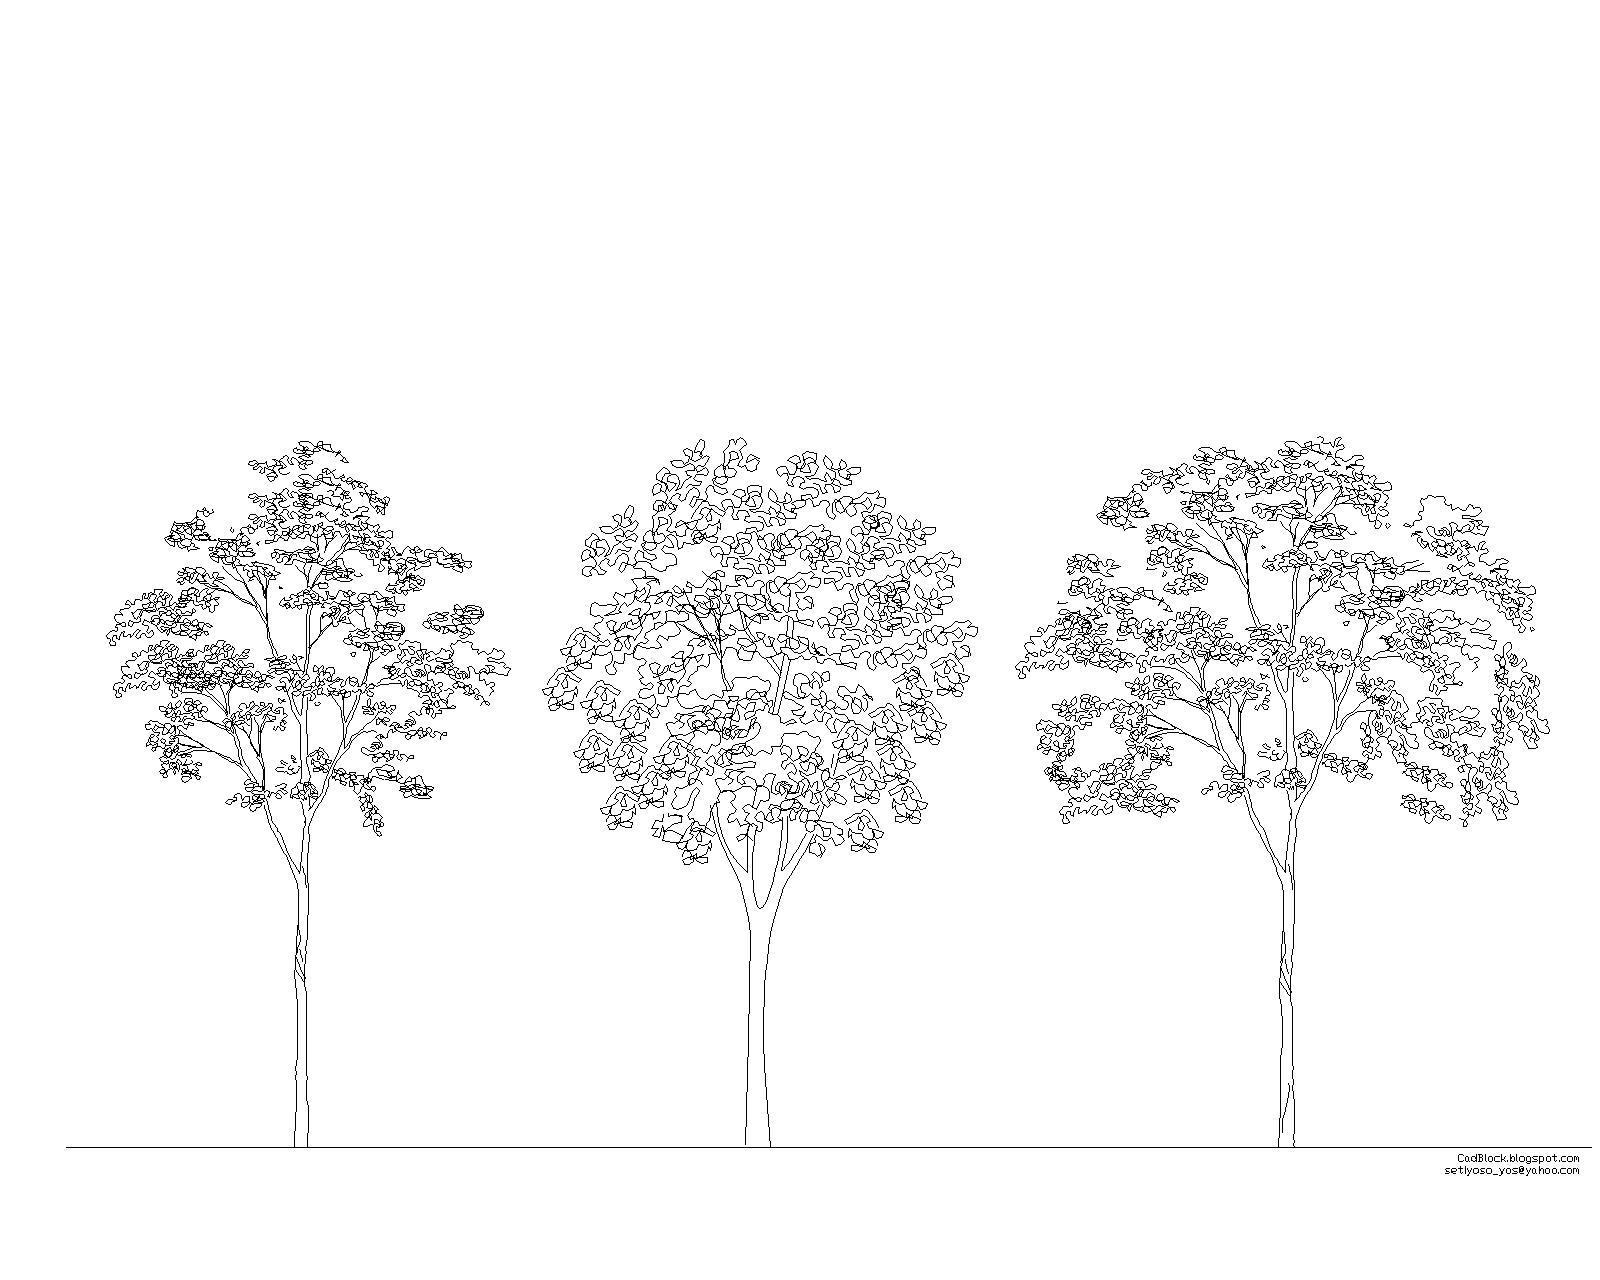 Engineering et architecture bloc arbre pour autocad dwg - Dessin dxf gratuit ...